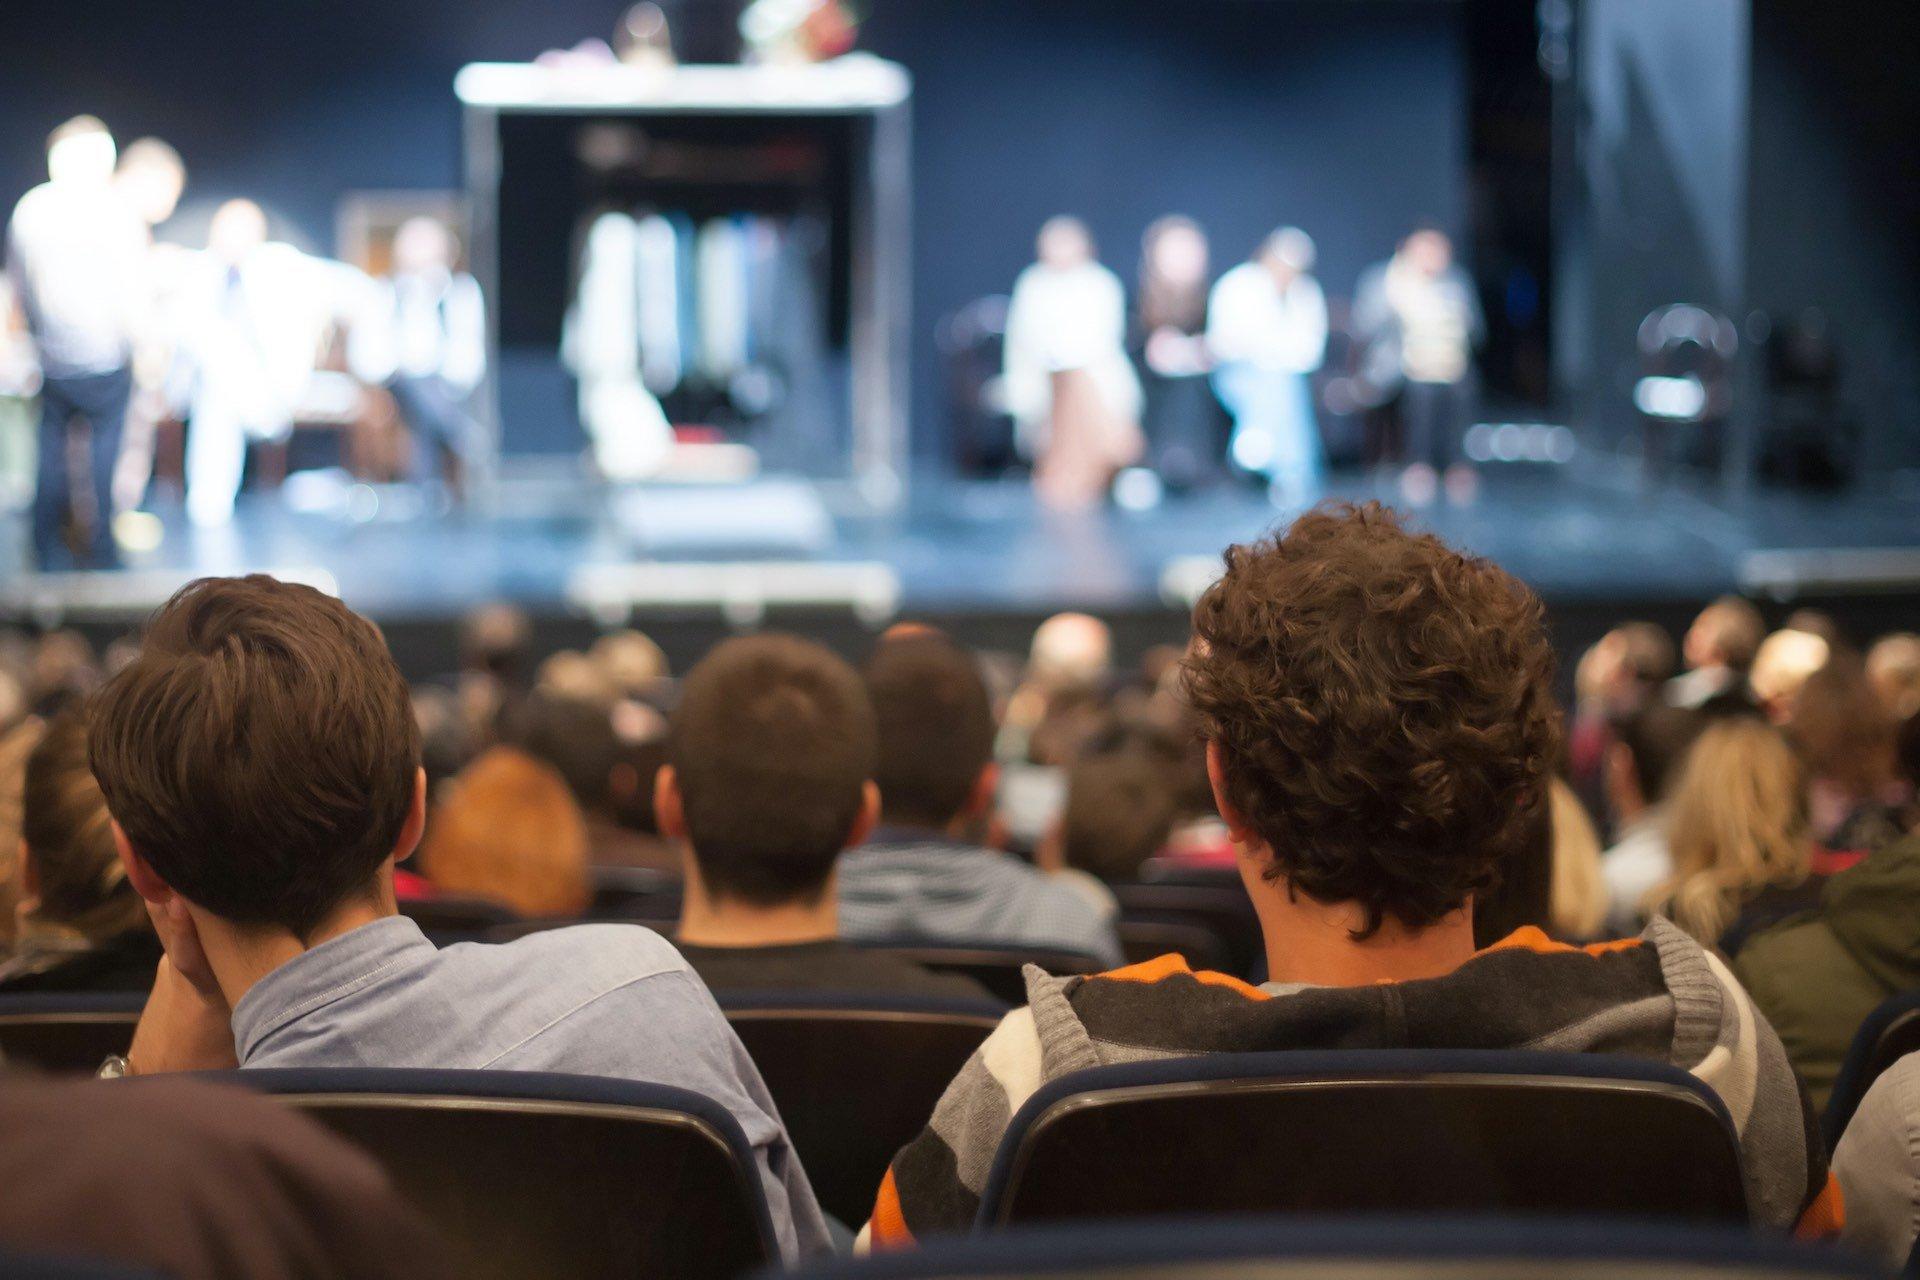 la-boite-theatre-company